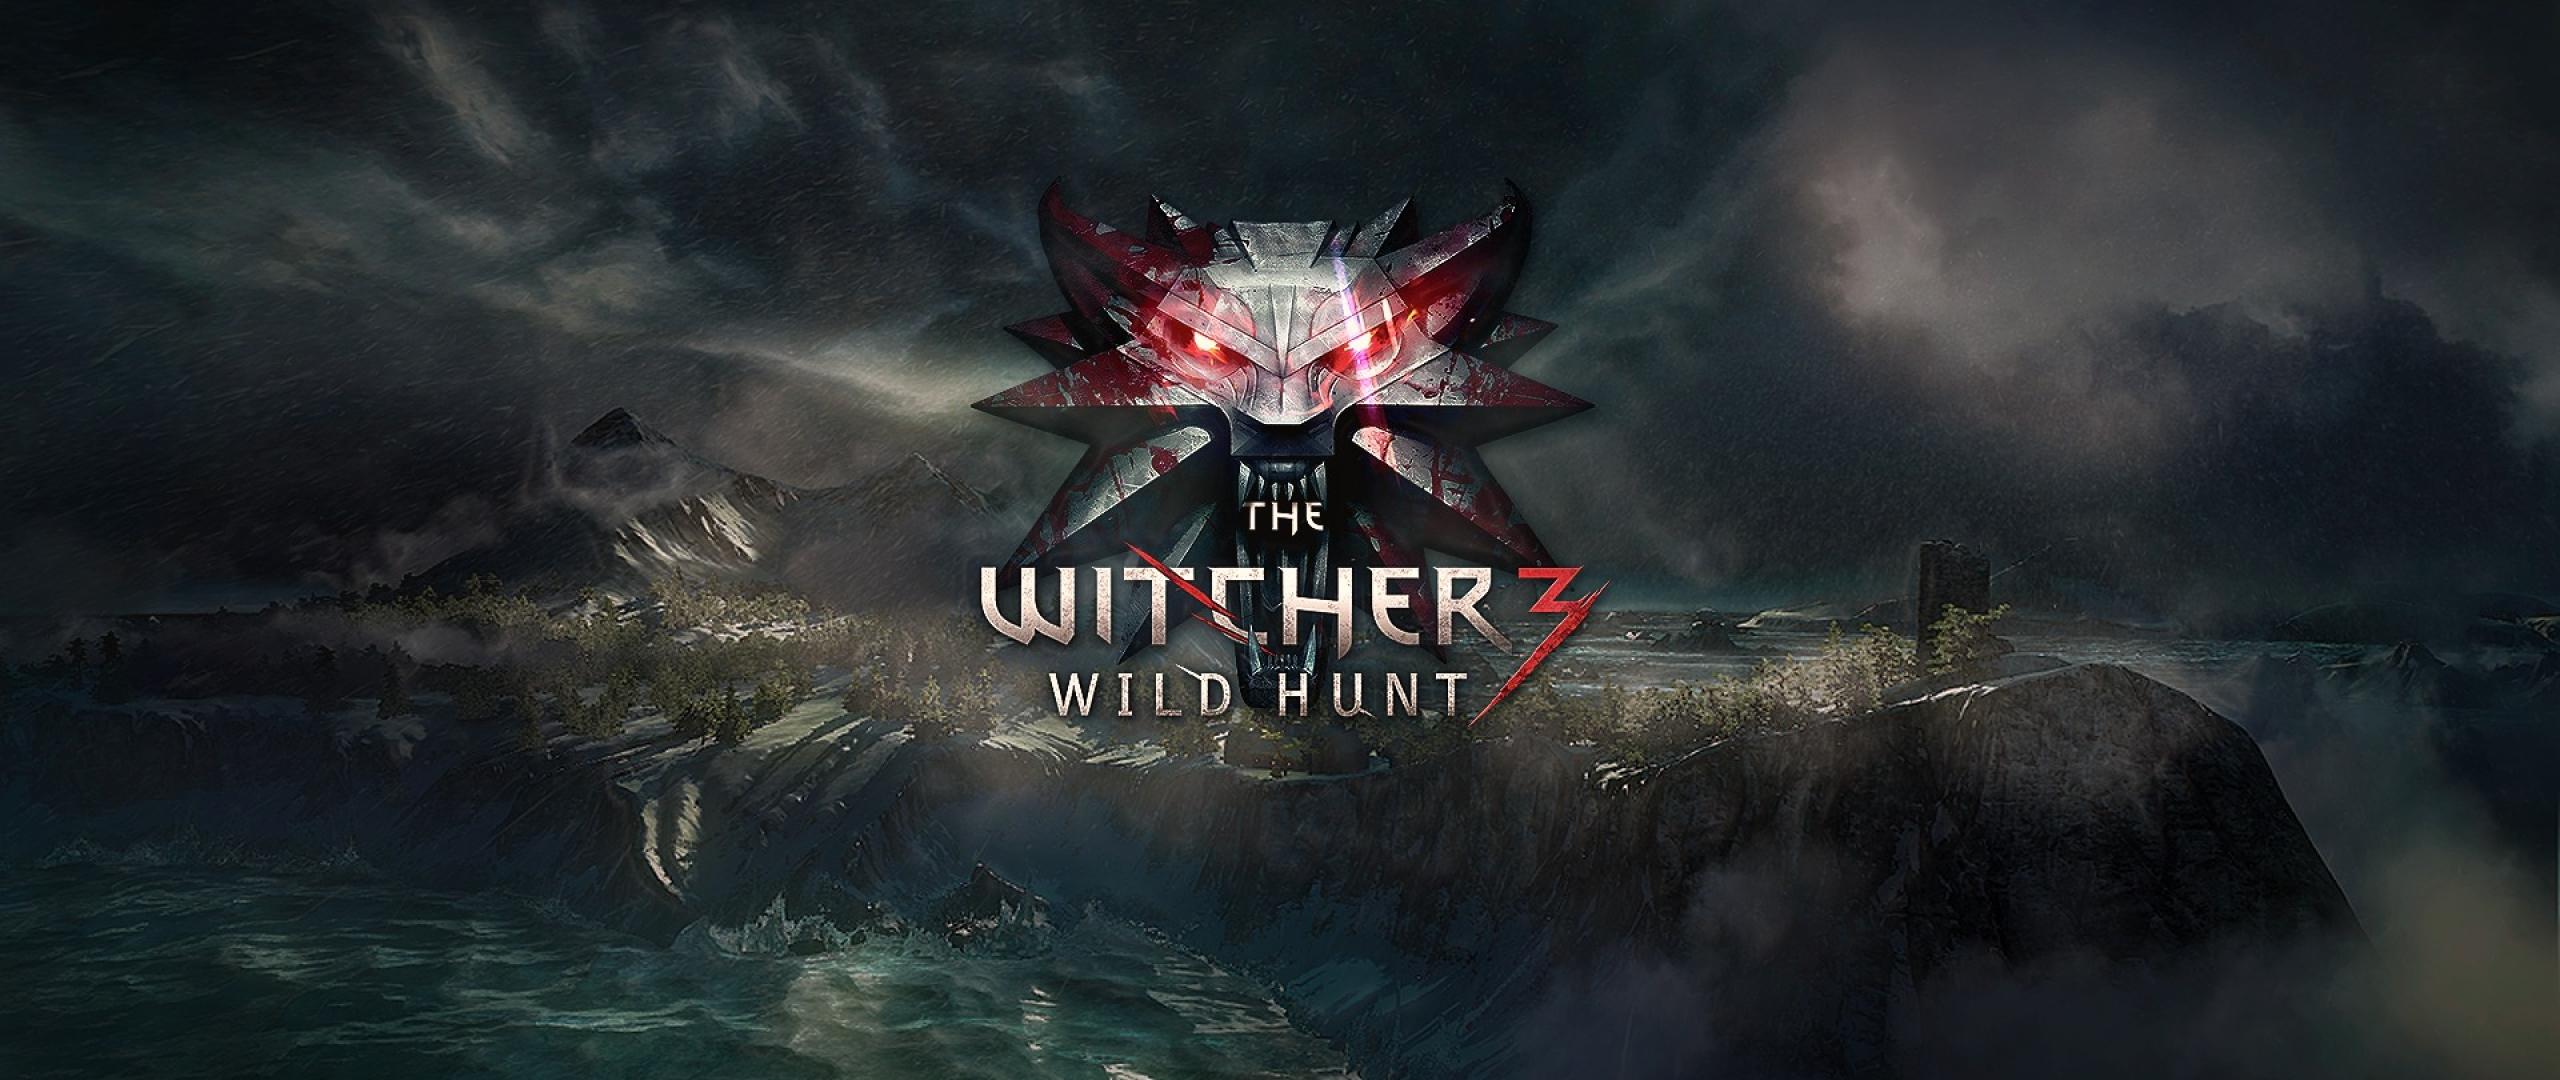 2560x1080 the witcher 3, wild hunt, logo 2560x1080 ...